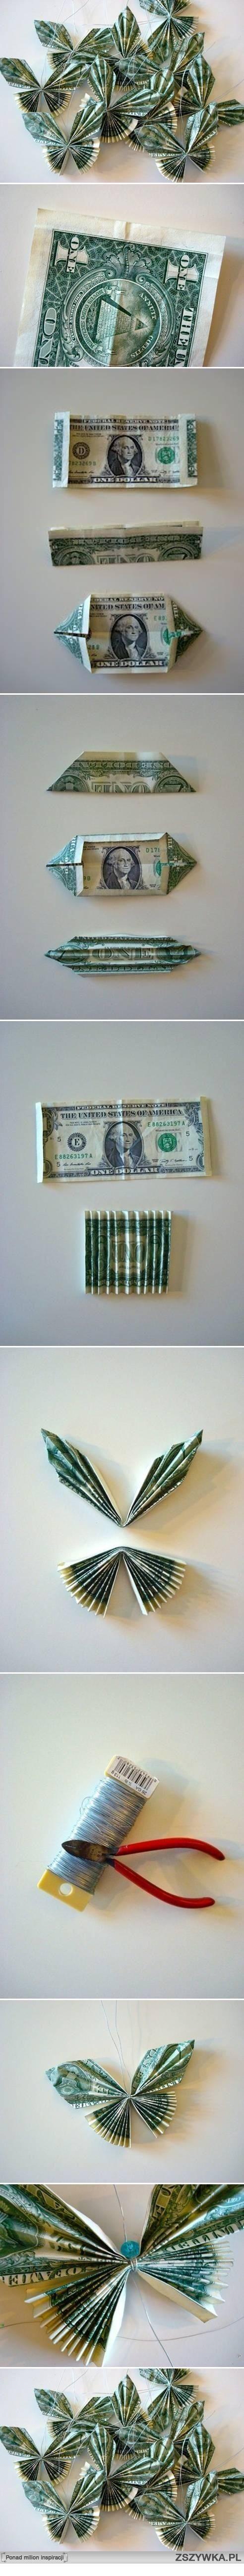 Бабочки из денежных купюр